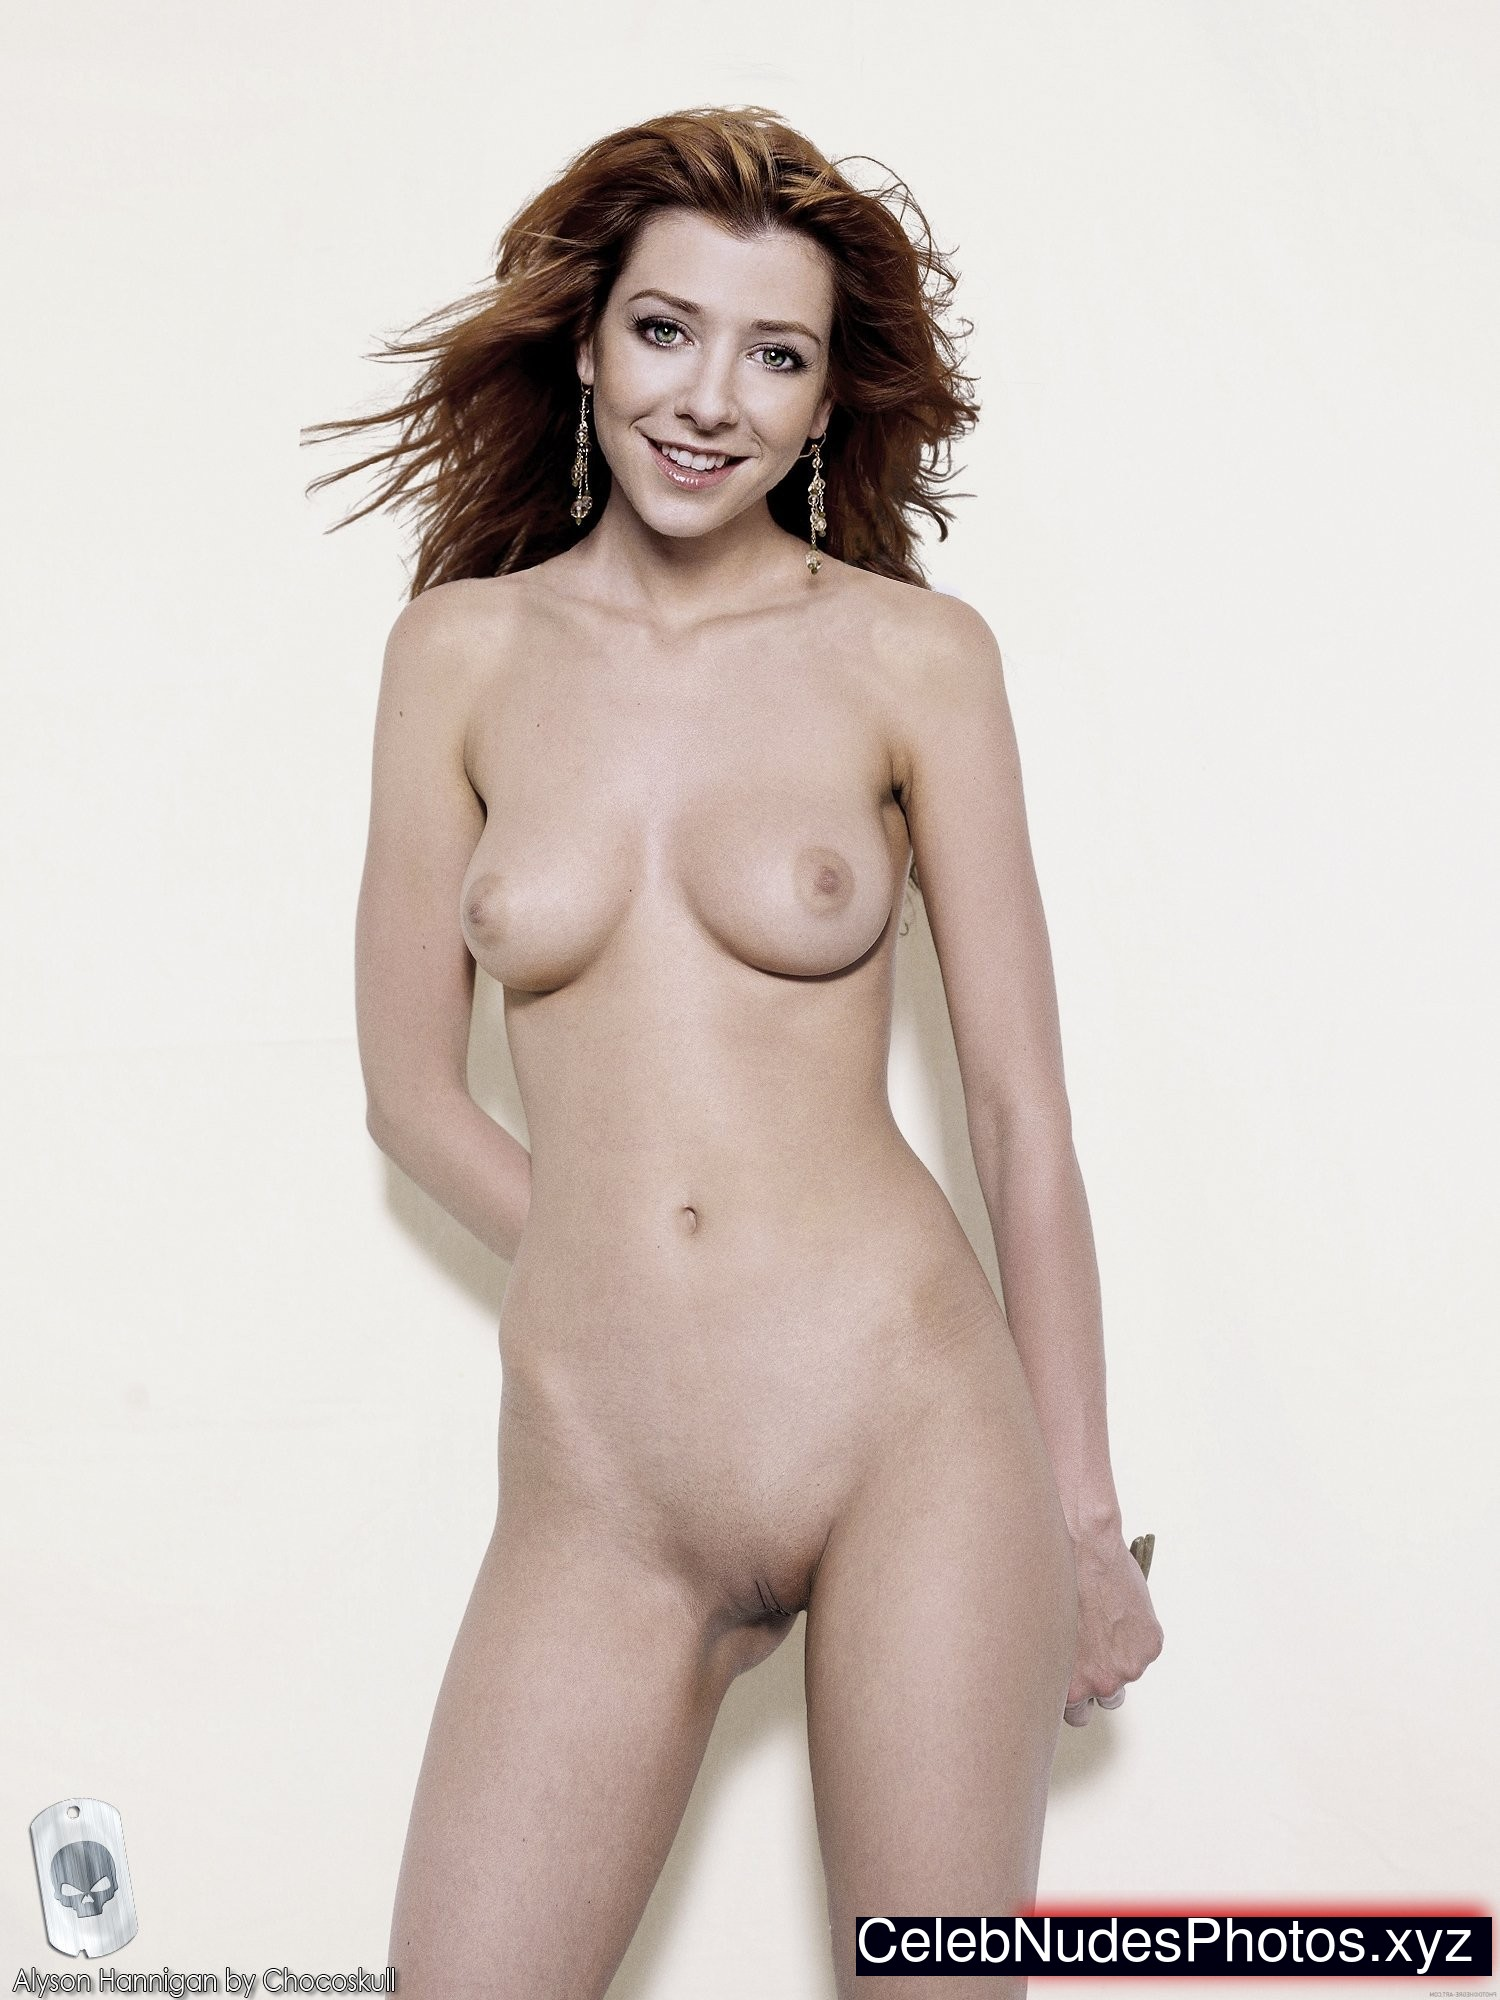 Alyson Hannigan Nudes download sex pics alyson hannigan nude celebrity pics celeb